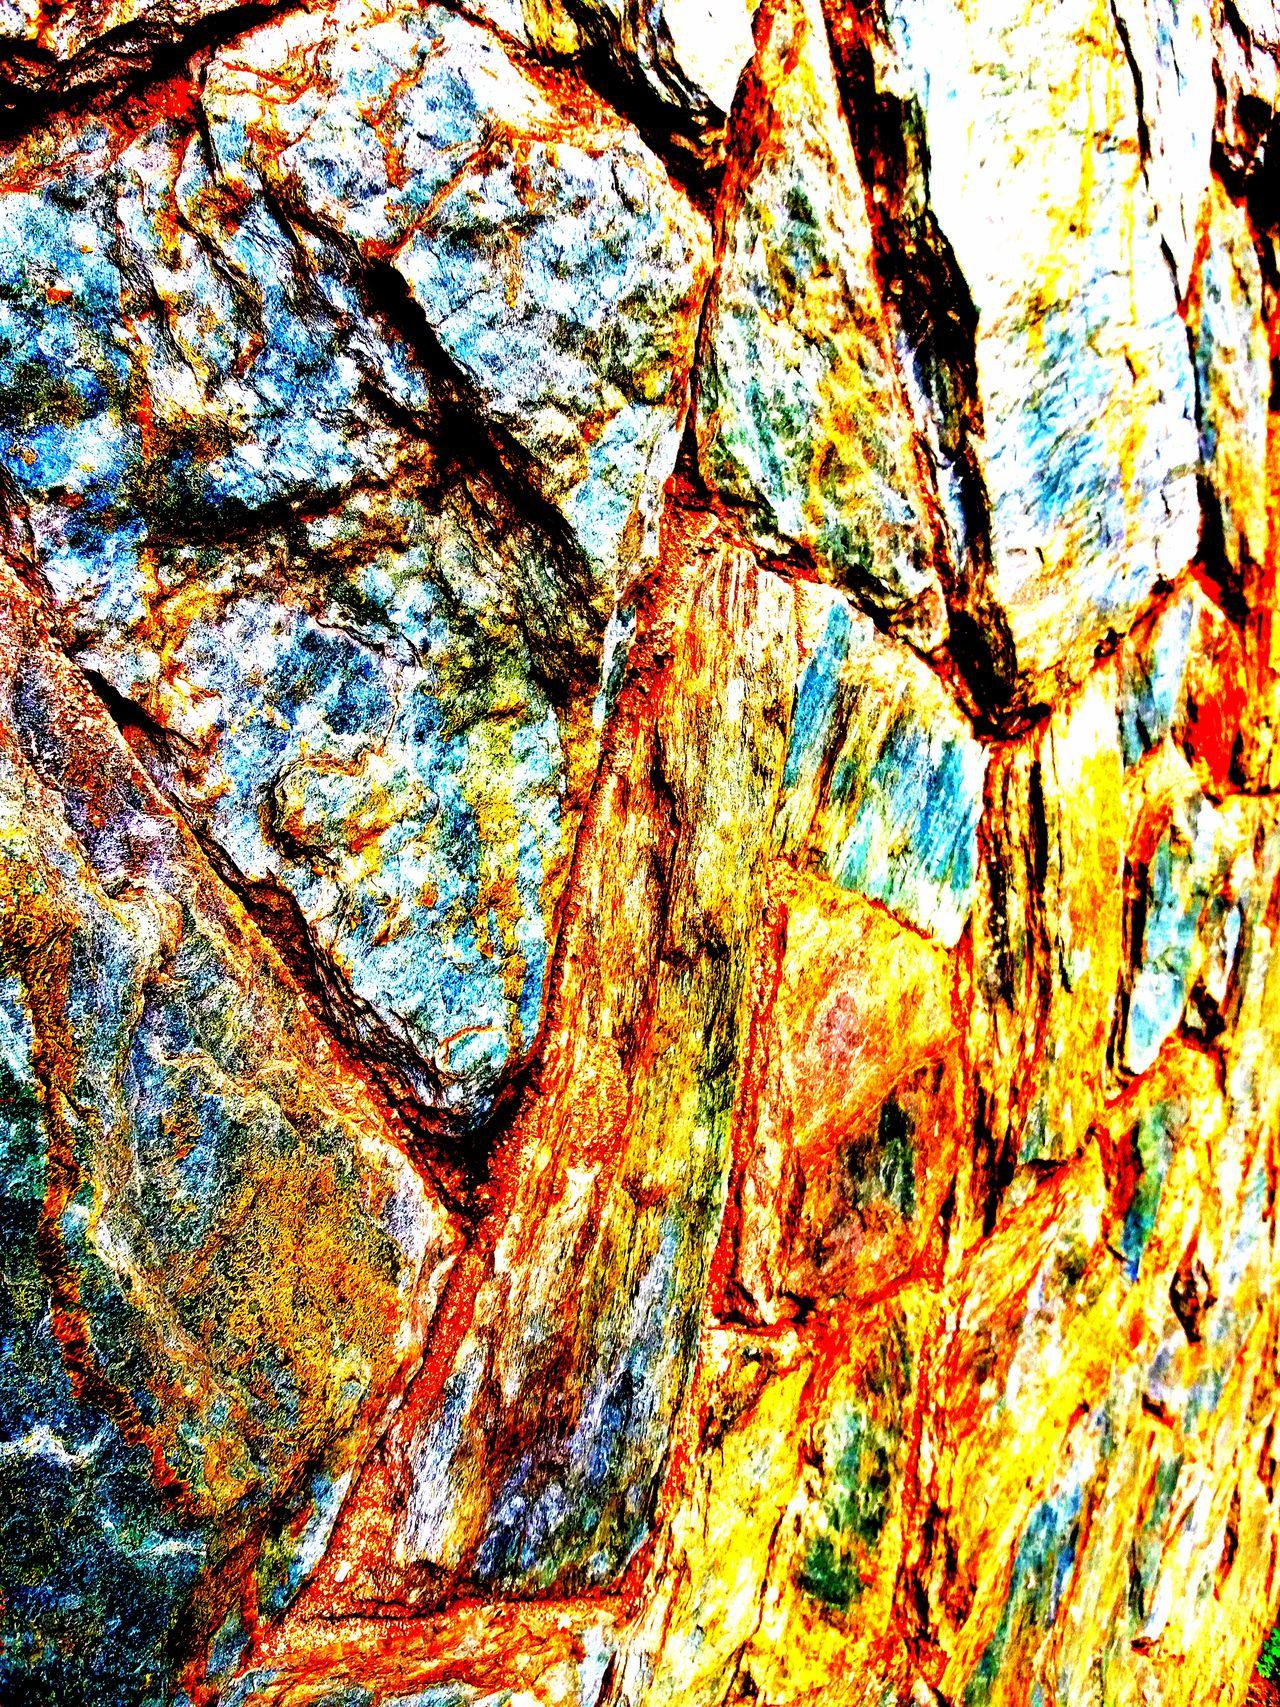 Imagem Celular PetitsDetails Art Photography Photography Close-up Phone Photography Textured  Outdoors Pedras Pared De Piedra Color Image